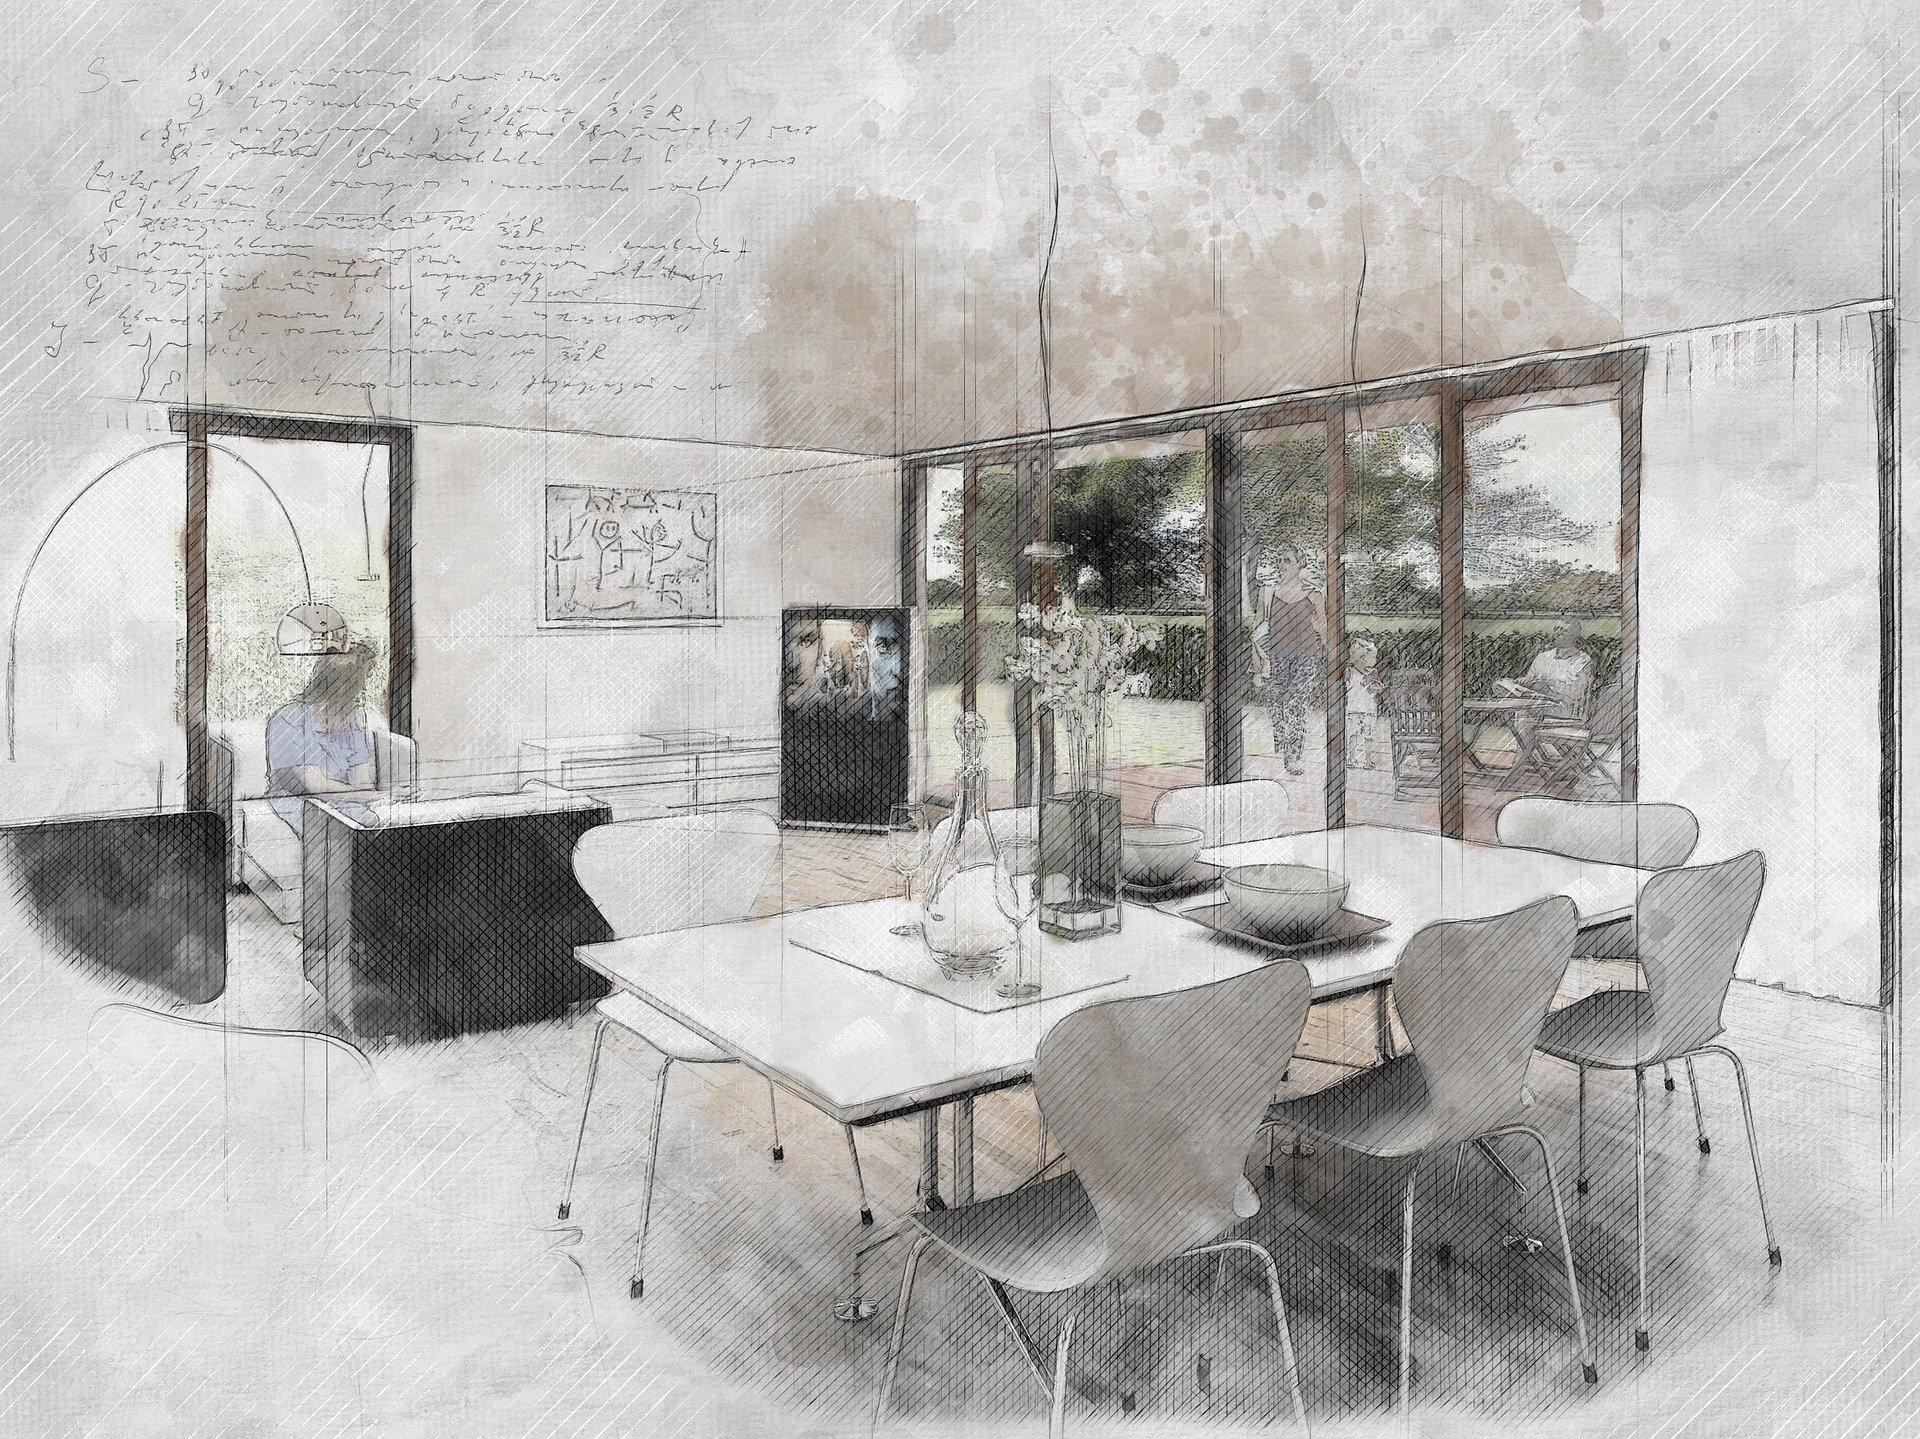 los planos de la vivienda son un tramite recomendado para vender casa